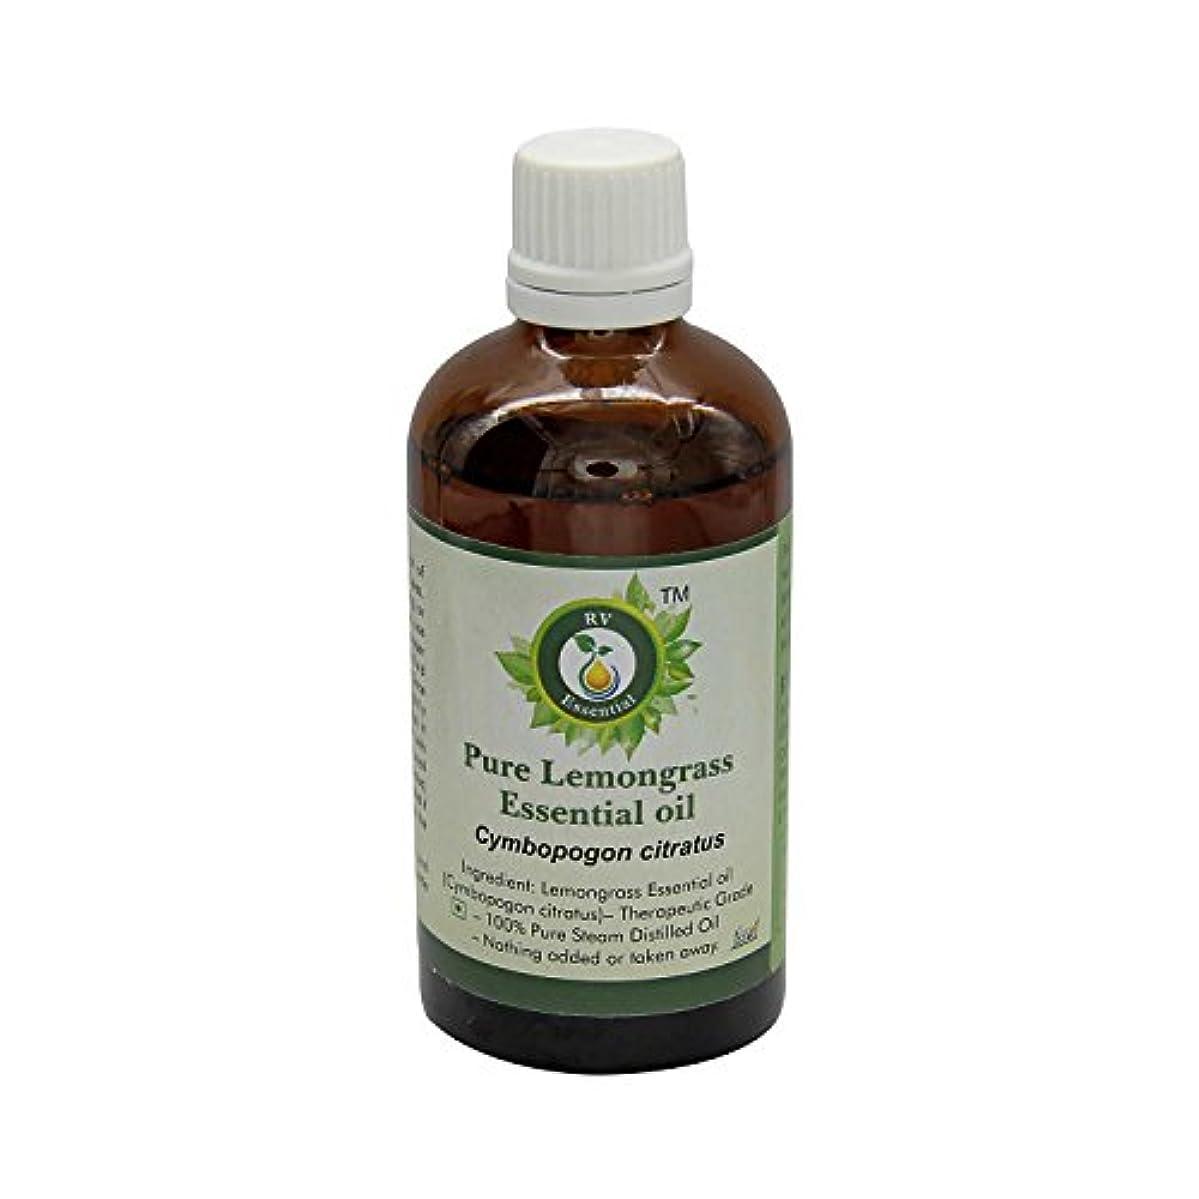 パキスタンポルティコ論文R V Essential ピュアレモングラスエッセンシャルオイル10ml (0.338oz)- Cymbopogon Citratus (100%純粋&天然スチームDistilled) Pure Lemongrass...